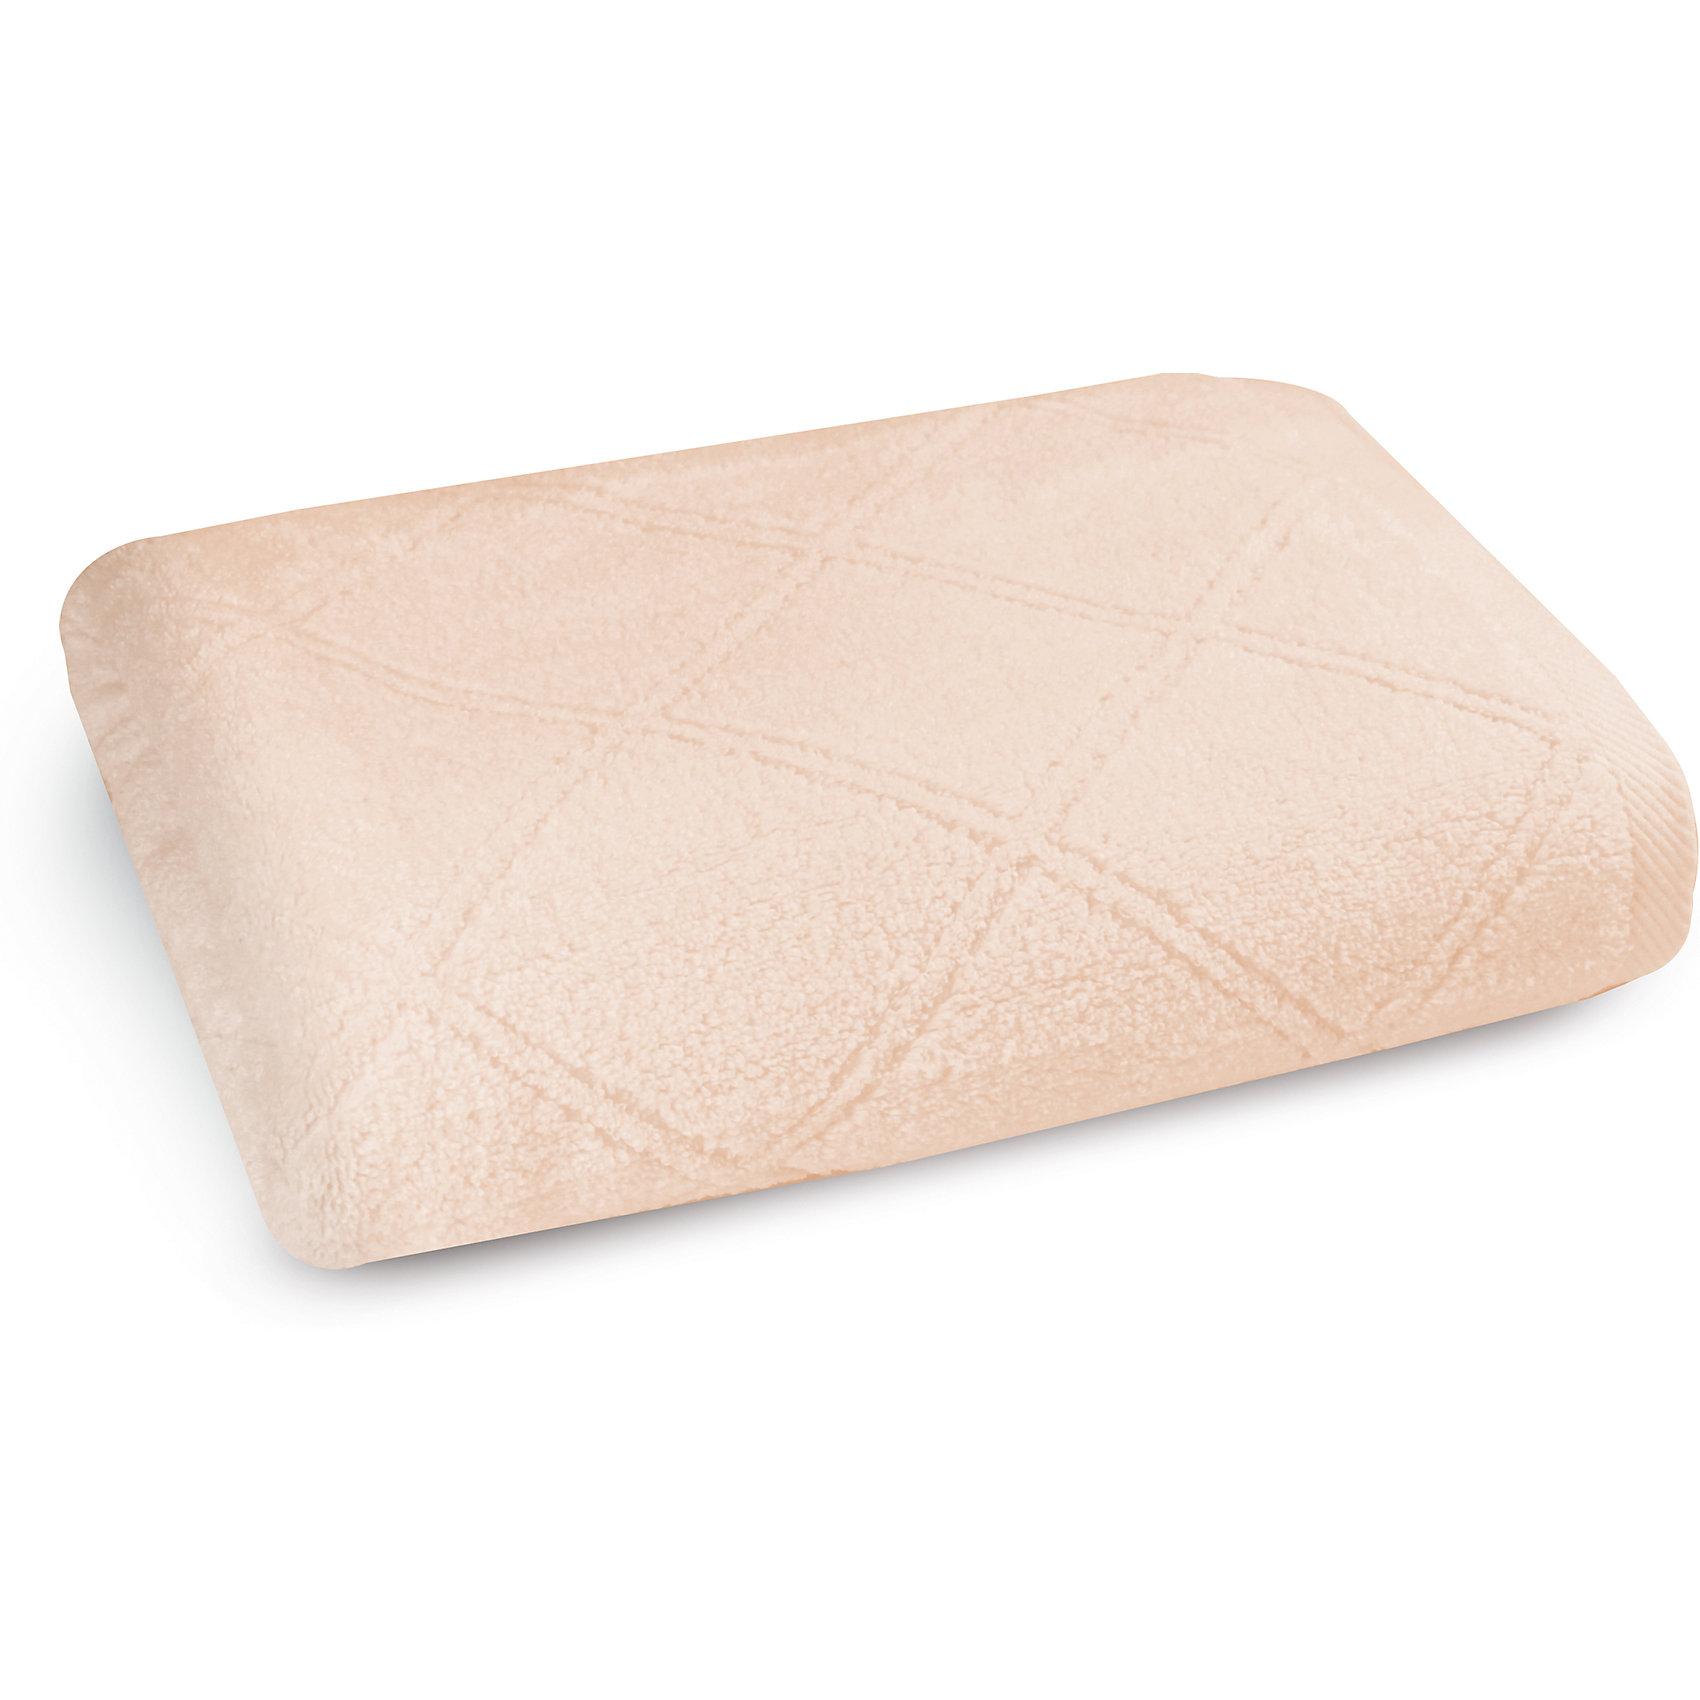 Полотенце махровое 30*70, Cozy Home, персикВанная комната<br>Полотенце махровое 30*70, Cozy Home (Кози Хоум), персик<br><br>Характеристики:<br><br>• мягкое полотенце, приятное на ощупь<br>• хорошо впитывает влагу<br>• легко стирать<br>• материал: хлопок<br>• размер: 30х70 см<br>• цвет: персиковый<br><br>Махровое полотенце от Cozy Home изготовлено из качественного хлопка. Волокна хлопка очень мягкие и приятные телу. Полотенце быстро впитает влагу, даря сухость и комфорт после водных процедур. Ко всему прочему, полотенце обладает высокой износостойкостью. Оно устойчиво к деформации, выцветанию и прекрасно сохраняет свой цвет после стирок. Полотенце имеет однотонную расцветку, дополненную узором с ромбами.<br><br>Полотенце махровое 30*70, Cozy Home (Кози Хоум), персик вы можете купить в нашем интернет-магазине.<br><br>Ширина мм: 150<br>Глубина мм: 250<br>Высота мм: 150<br>Вес г: 150<br>Возраст от месяцев: 0<br>Возраст до месяцев: 216<br>Пол: Унисекс<br>Возраст: Детский<br>SKU: 5355277